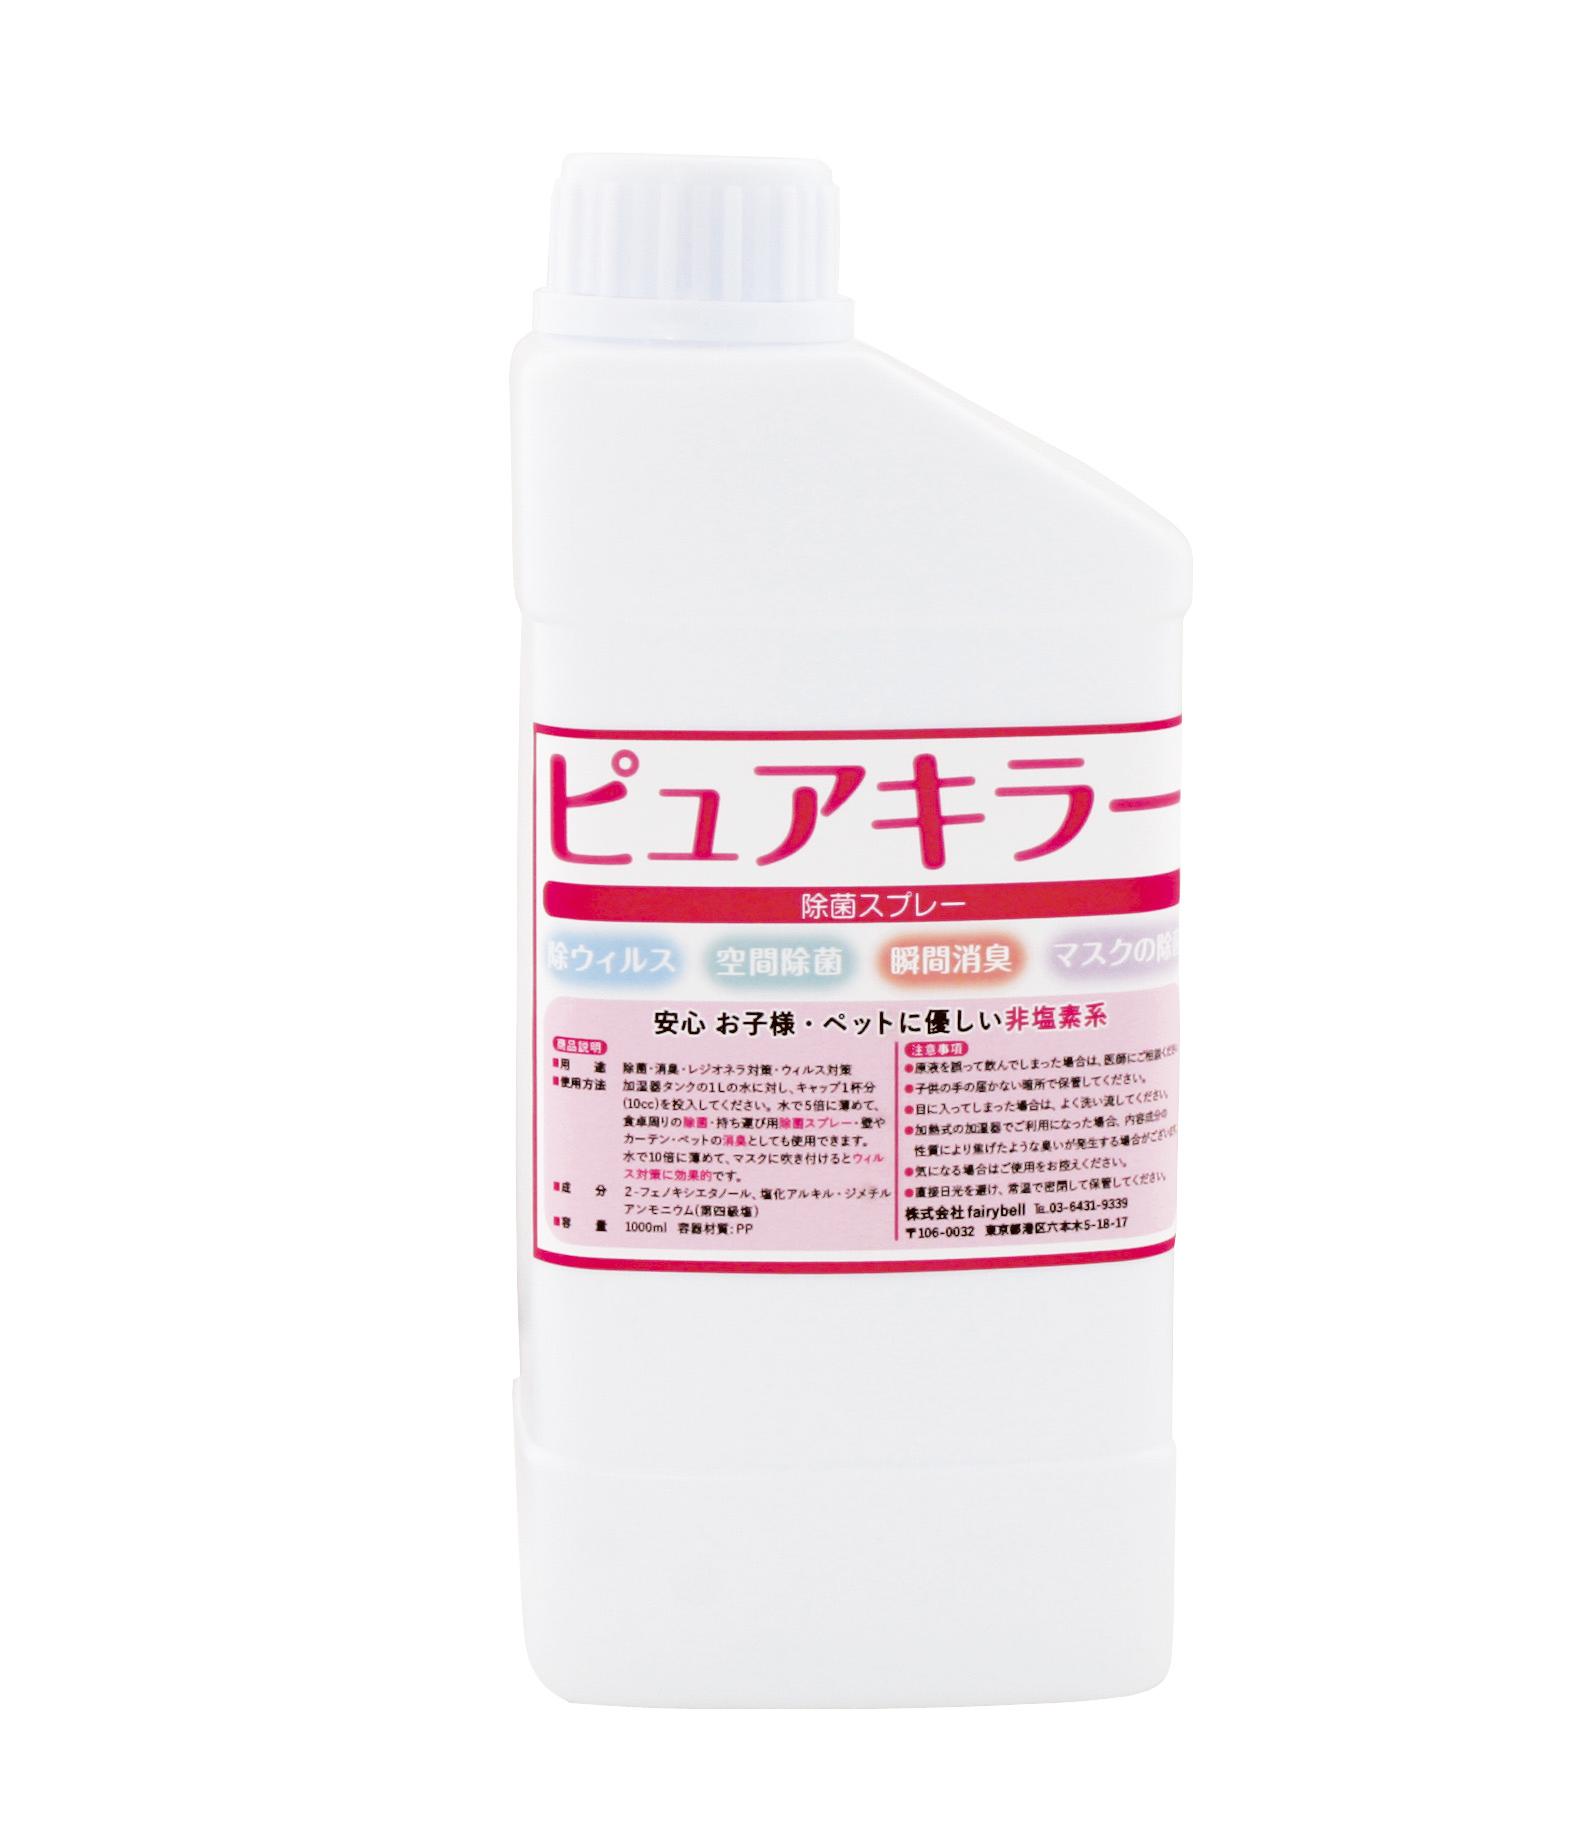 ピュアキラー【掃除・手洗用】補充液 1リットルボトル